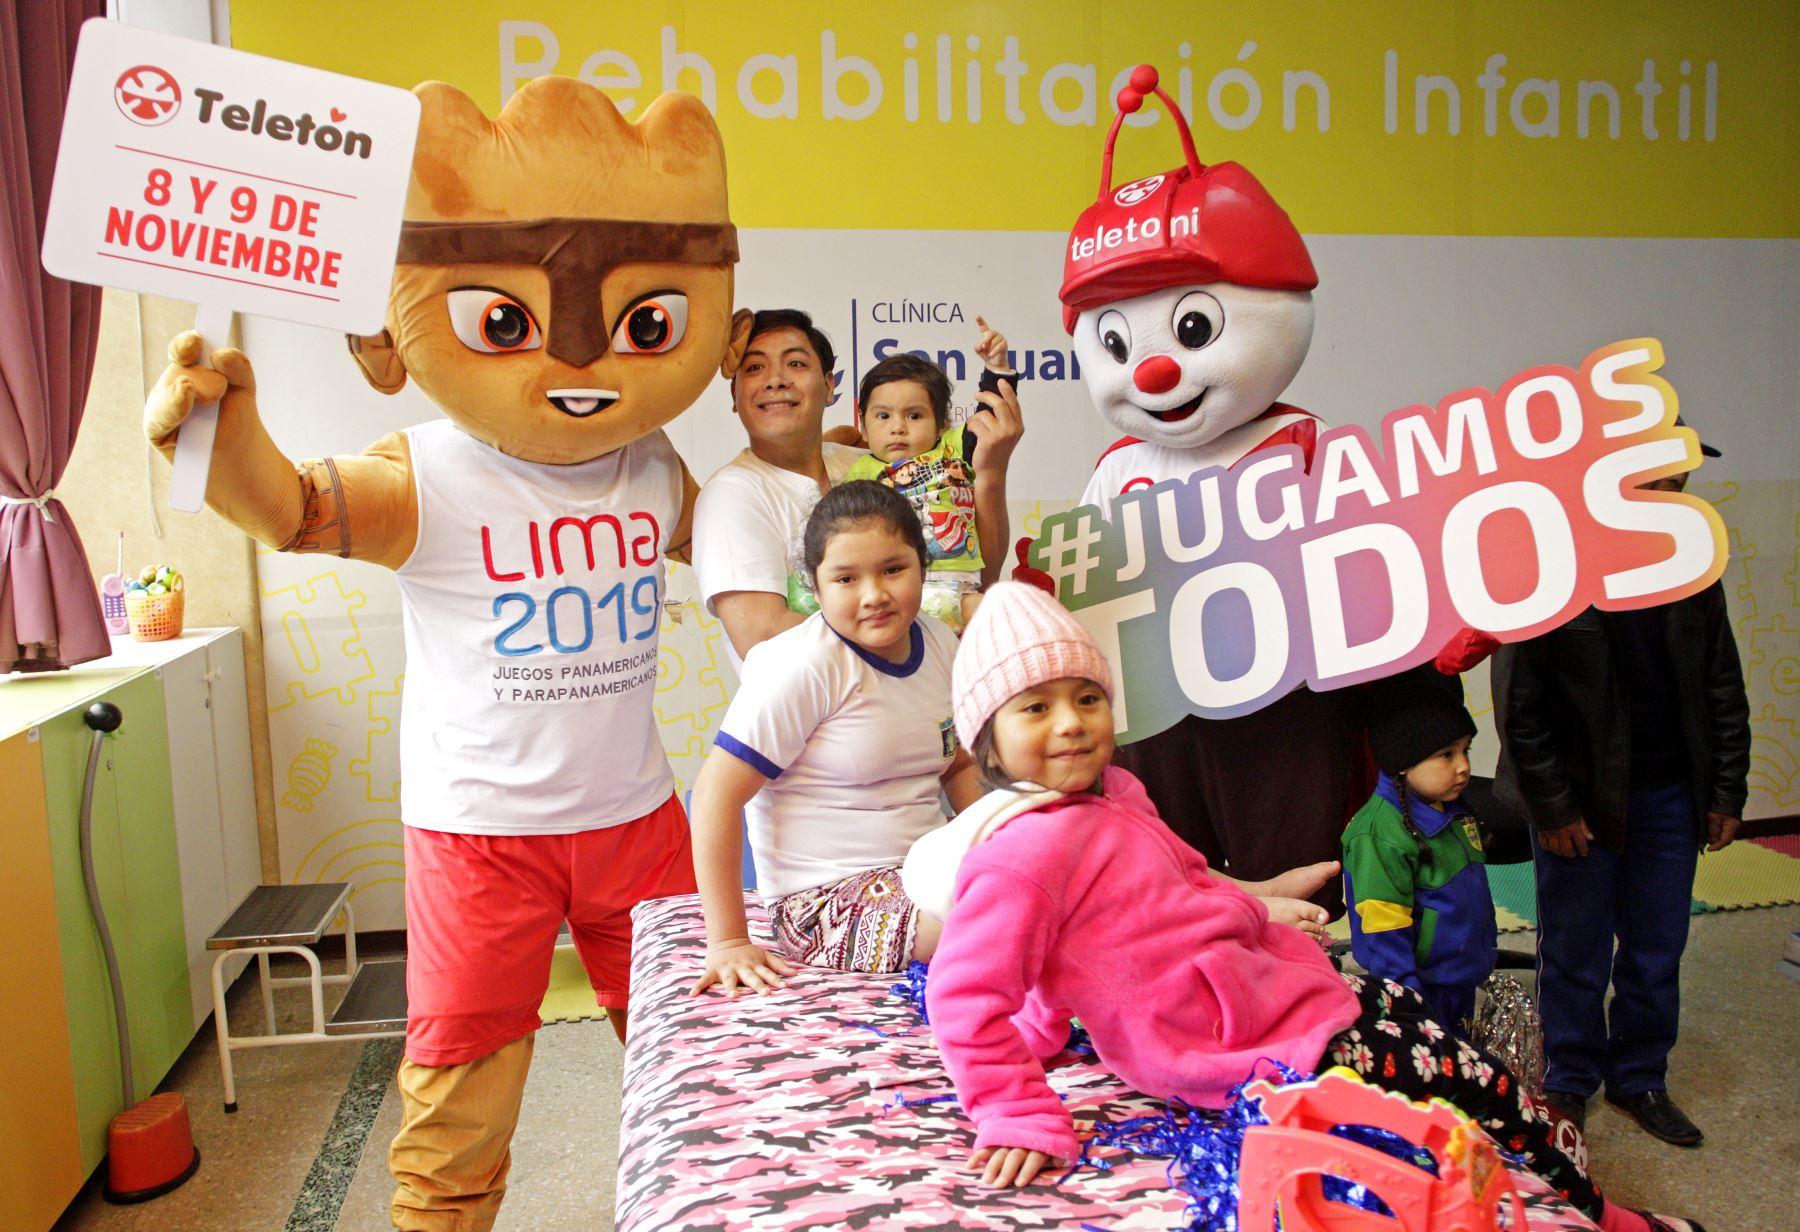 Milco la mascota oficial de los Juegos Parapanamericanos Lima 2019, visito a los niños del Hospital  San Juan de Dios. Foto:ANDINA/ LIMA 2019